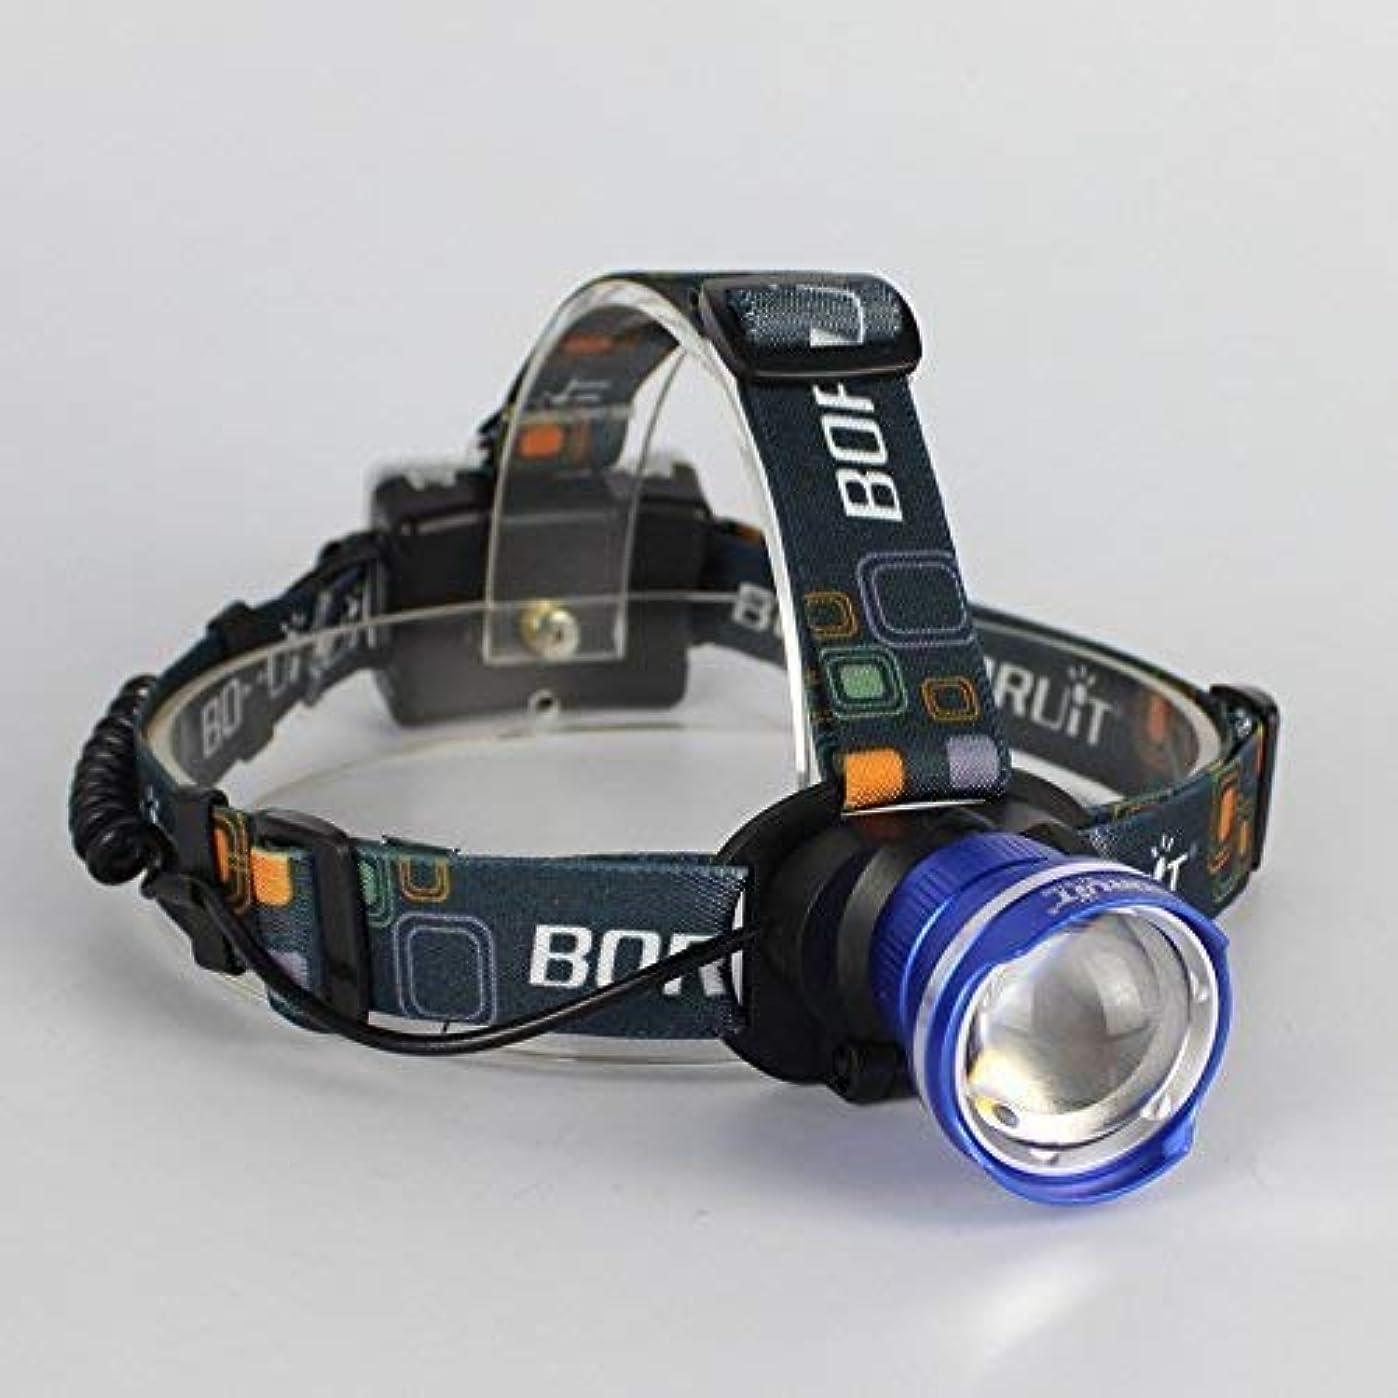 ポジション良性盗賊WorthTrust 1800 Lumen CREE XM-L XML T6 LED Headlamp Headlight for Cycling Camping Hiking by WorthTrust